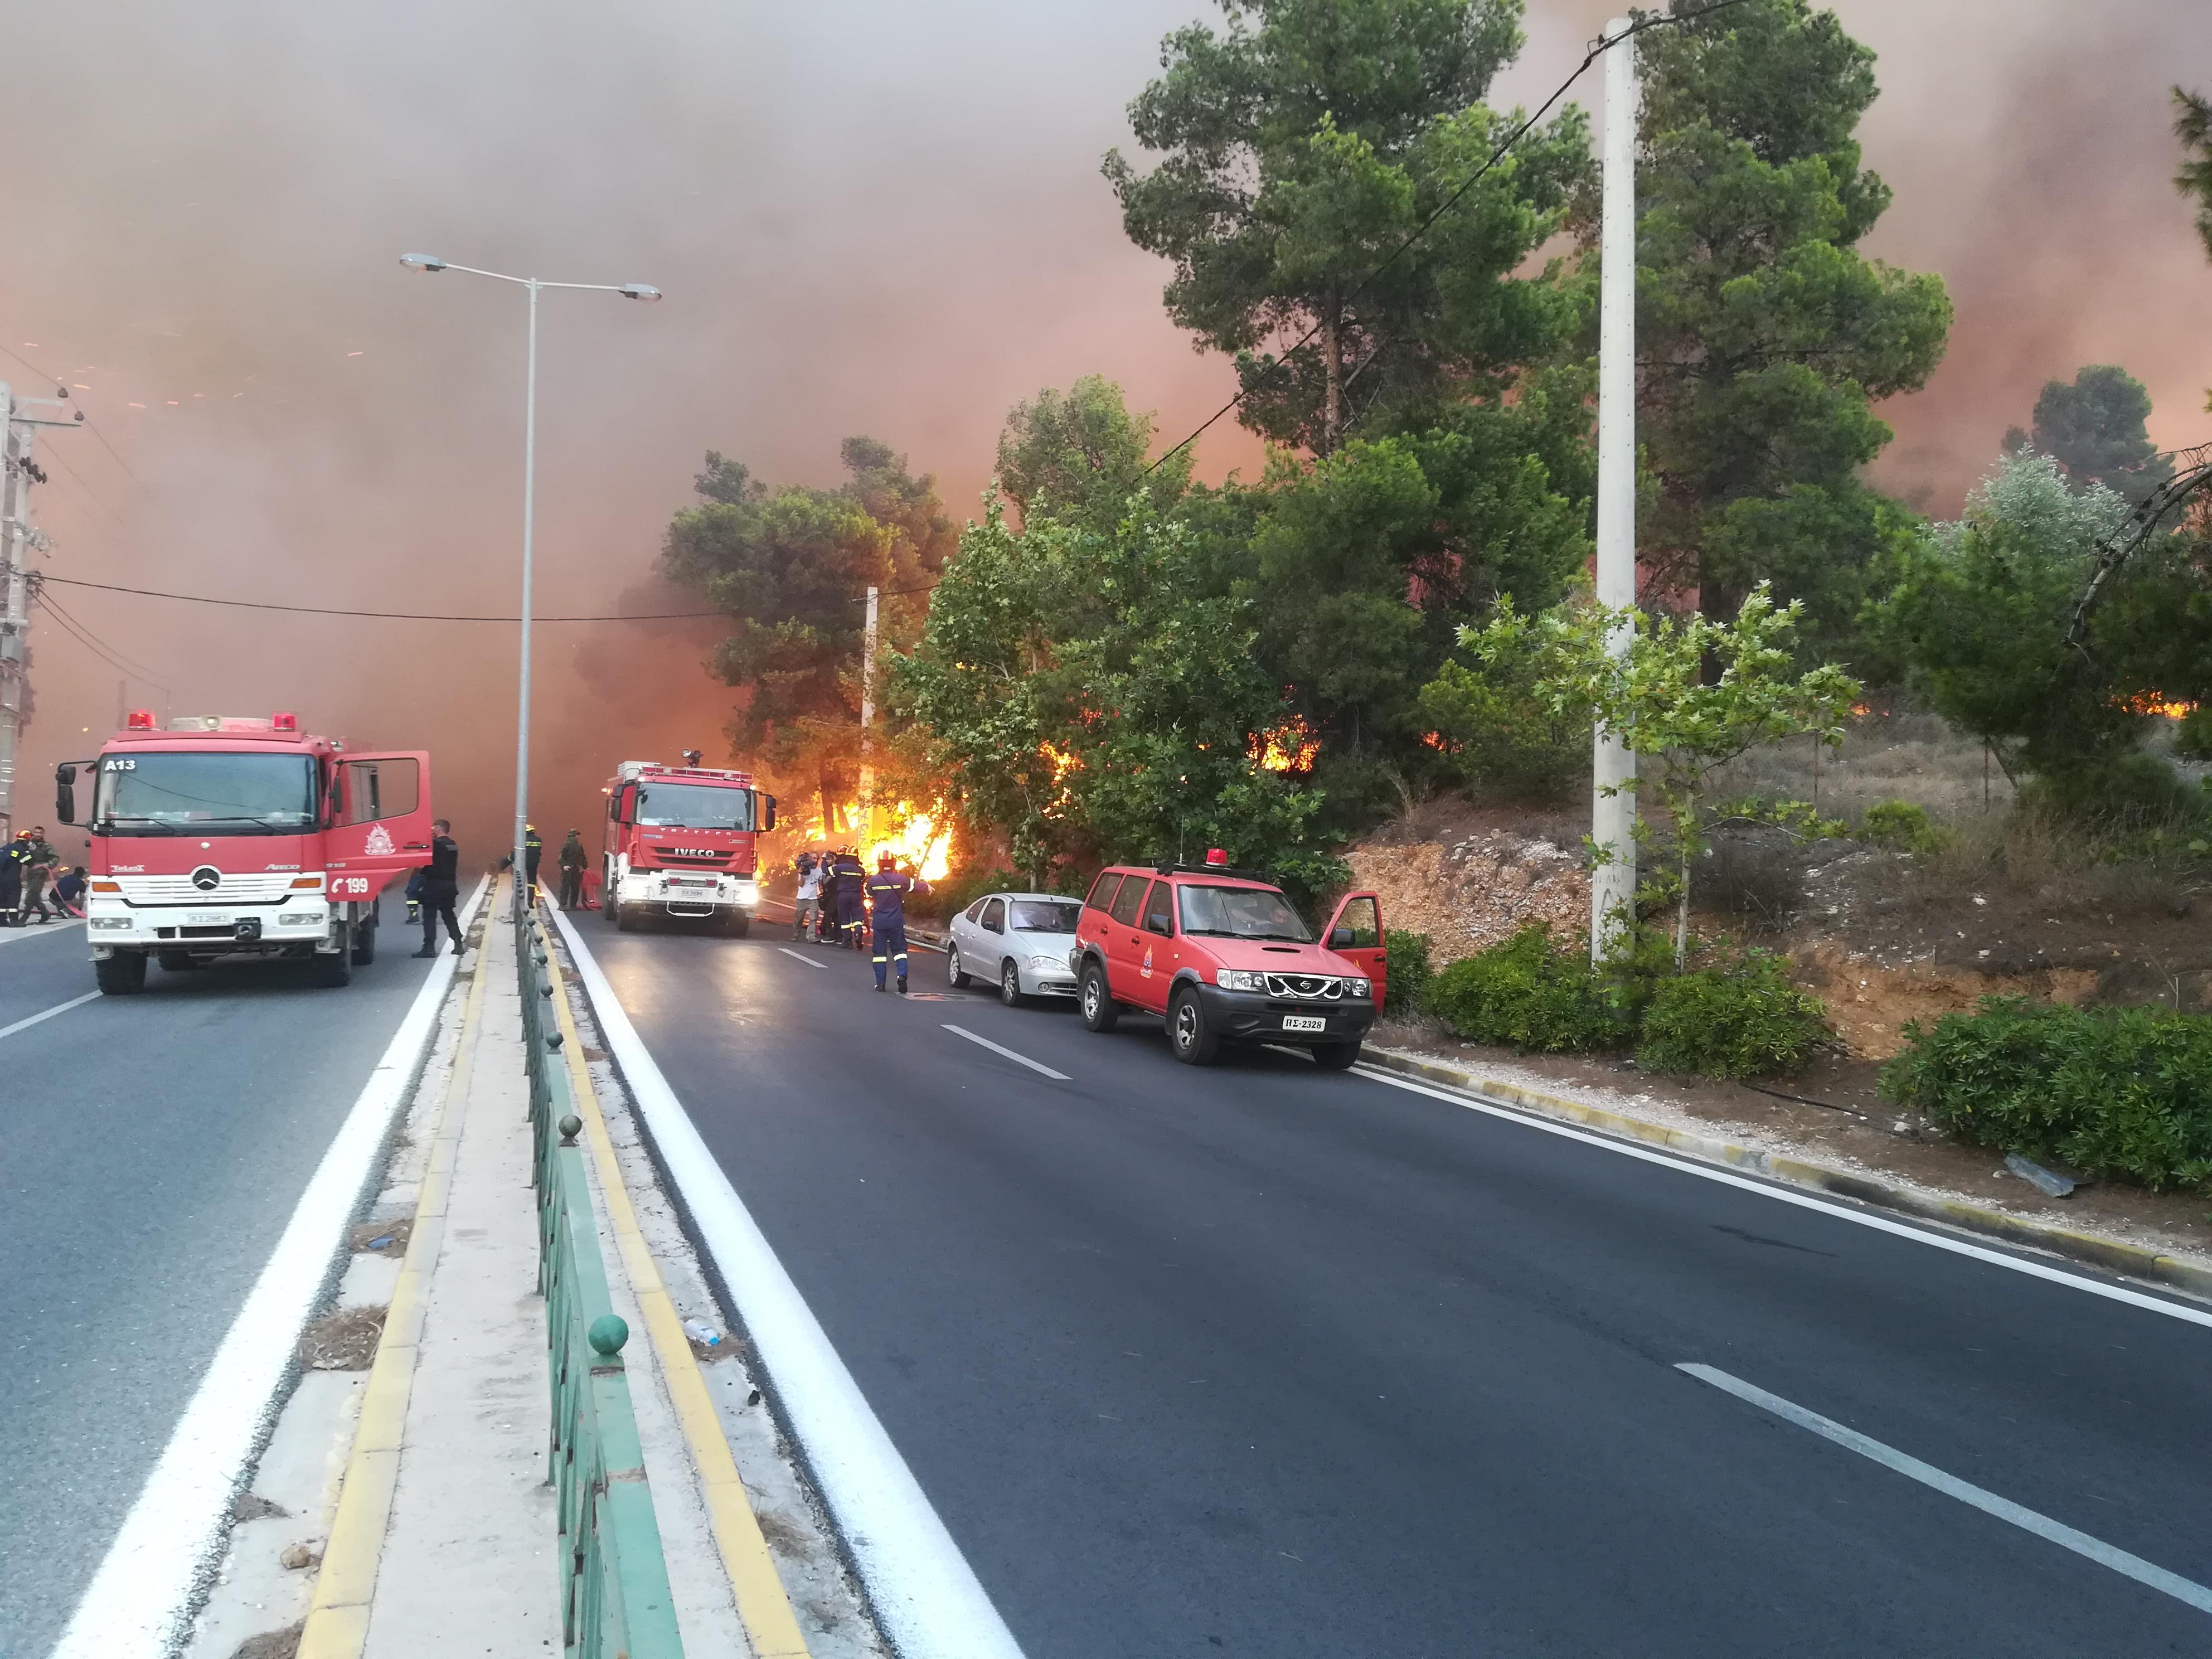 eikones-oloklirotikis-katastrofis-apo-tis-pyrkagies-foto-amp-8211-vinteo27